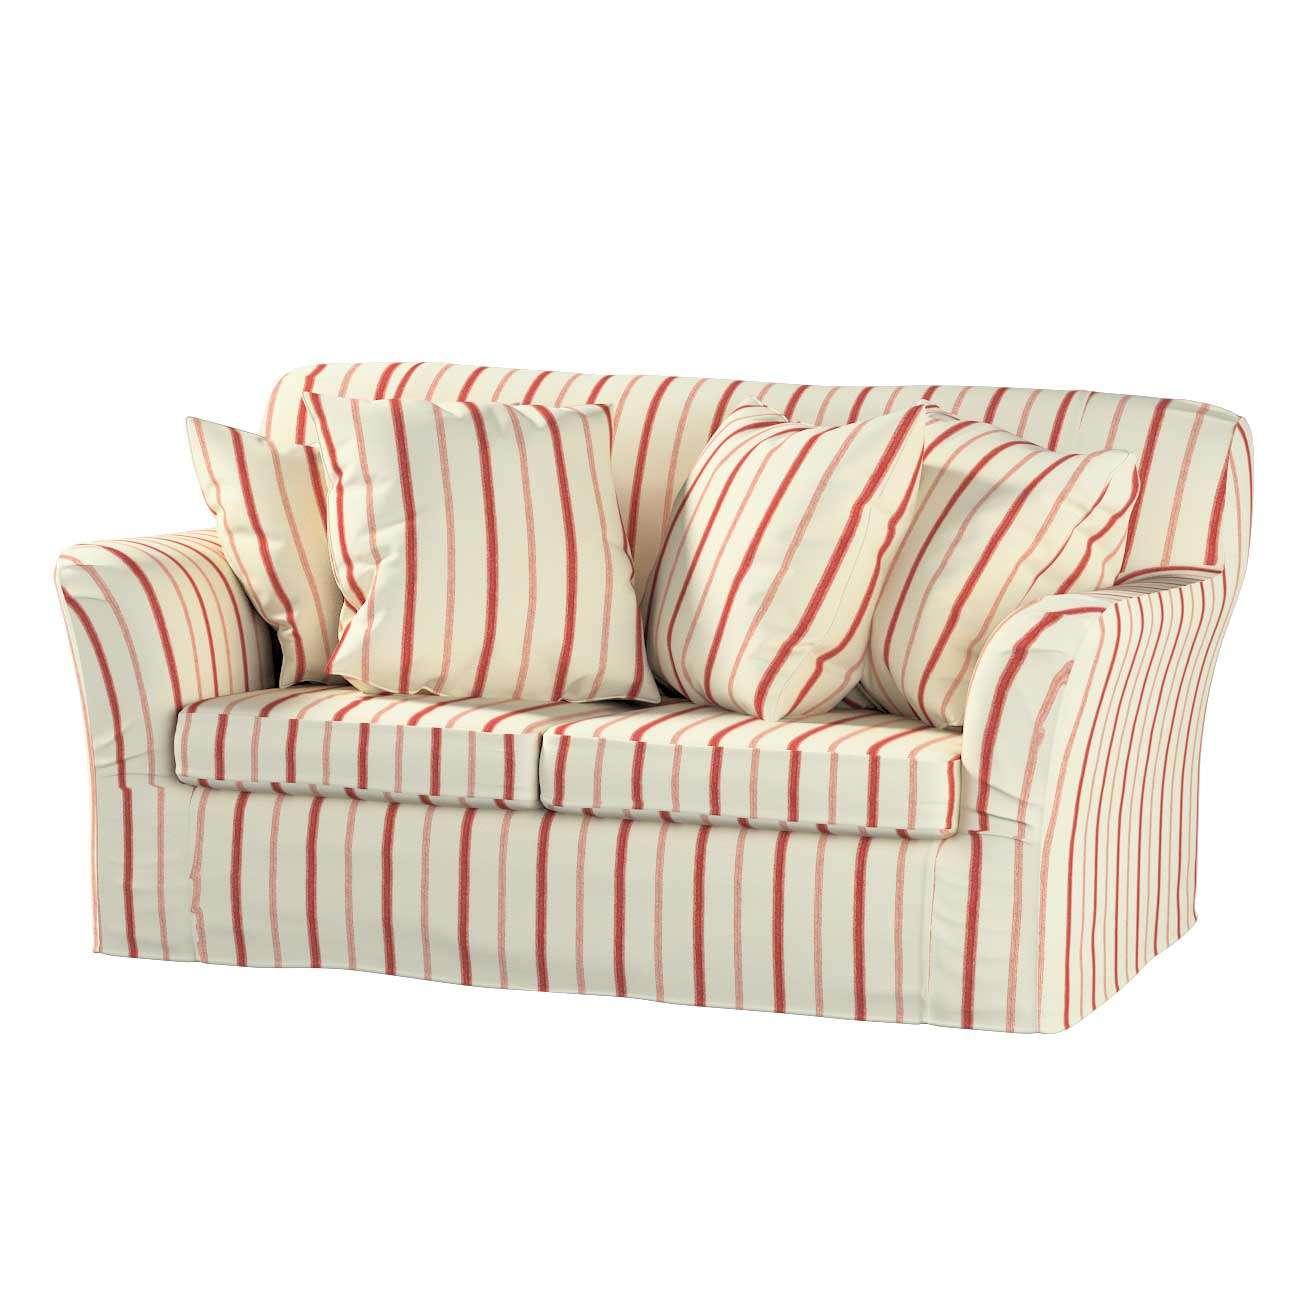 Pokrowiec na sofę Tomelilla 2-osobową nierozkładaną Sofa Tomelilla 2-osobowa w kolekcji Avinon, tkanina: 129-15